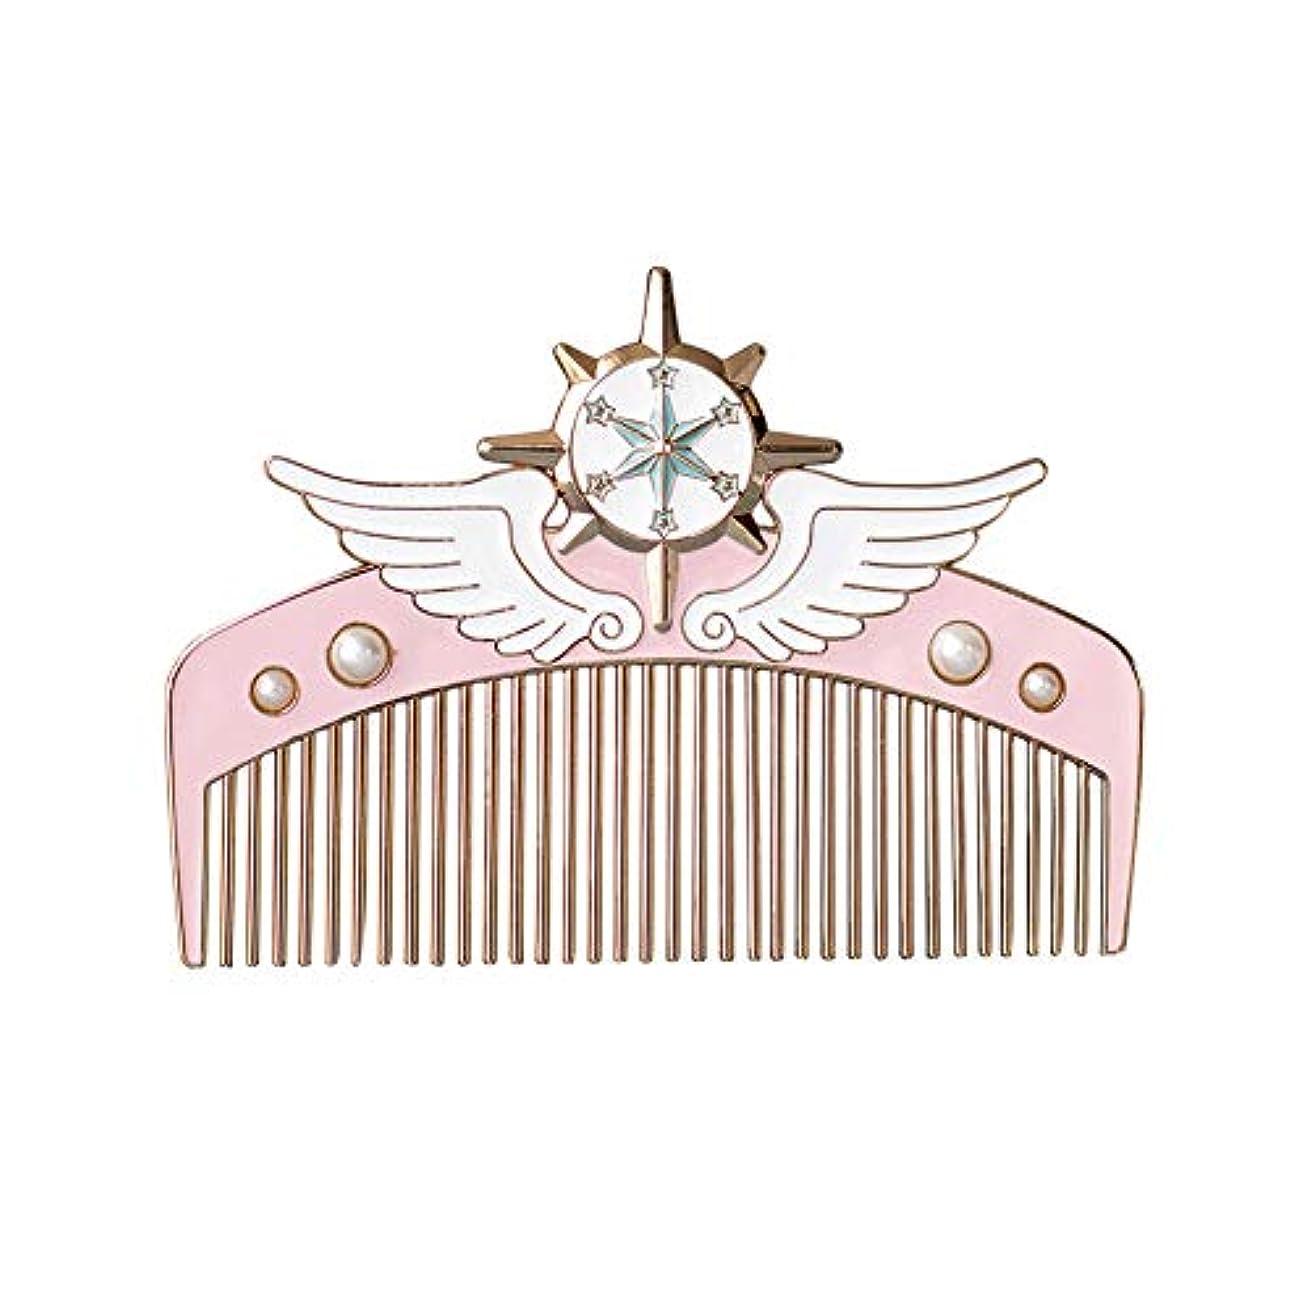 最大対処する提唱するライフ小屋 櫛 ヘアブラシ カードキャプターさくら セーラームーン 可愛い ピンク 細歯 夢の杖櫛 半月形 ヘアブラシ 子供の髪 贈り物 プレゼント